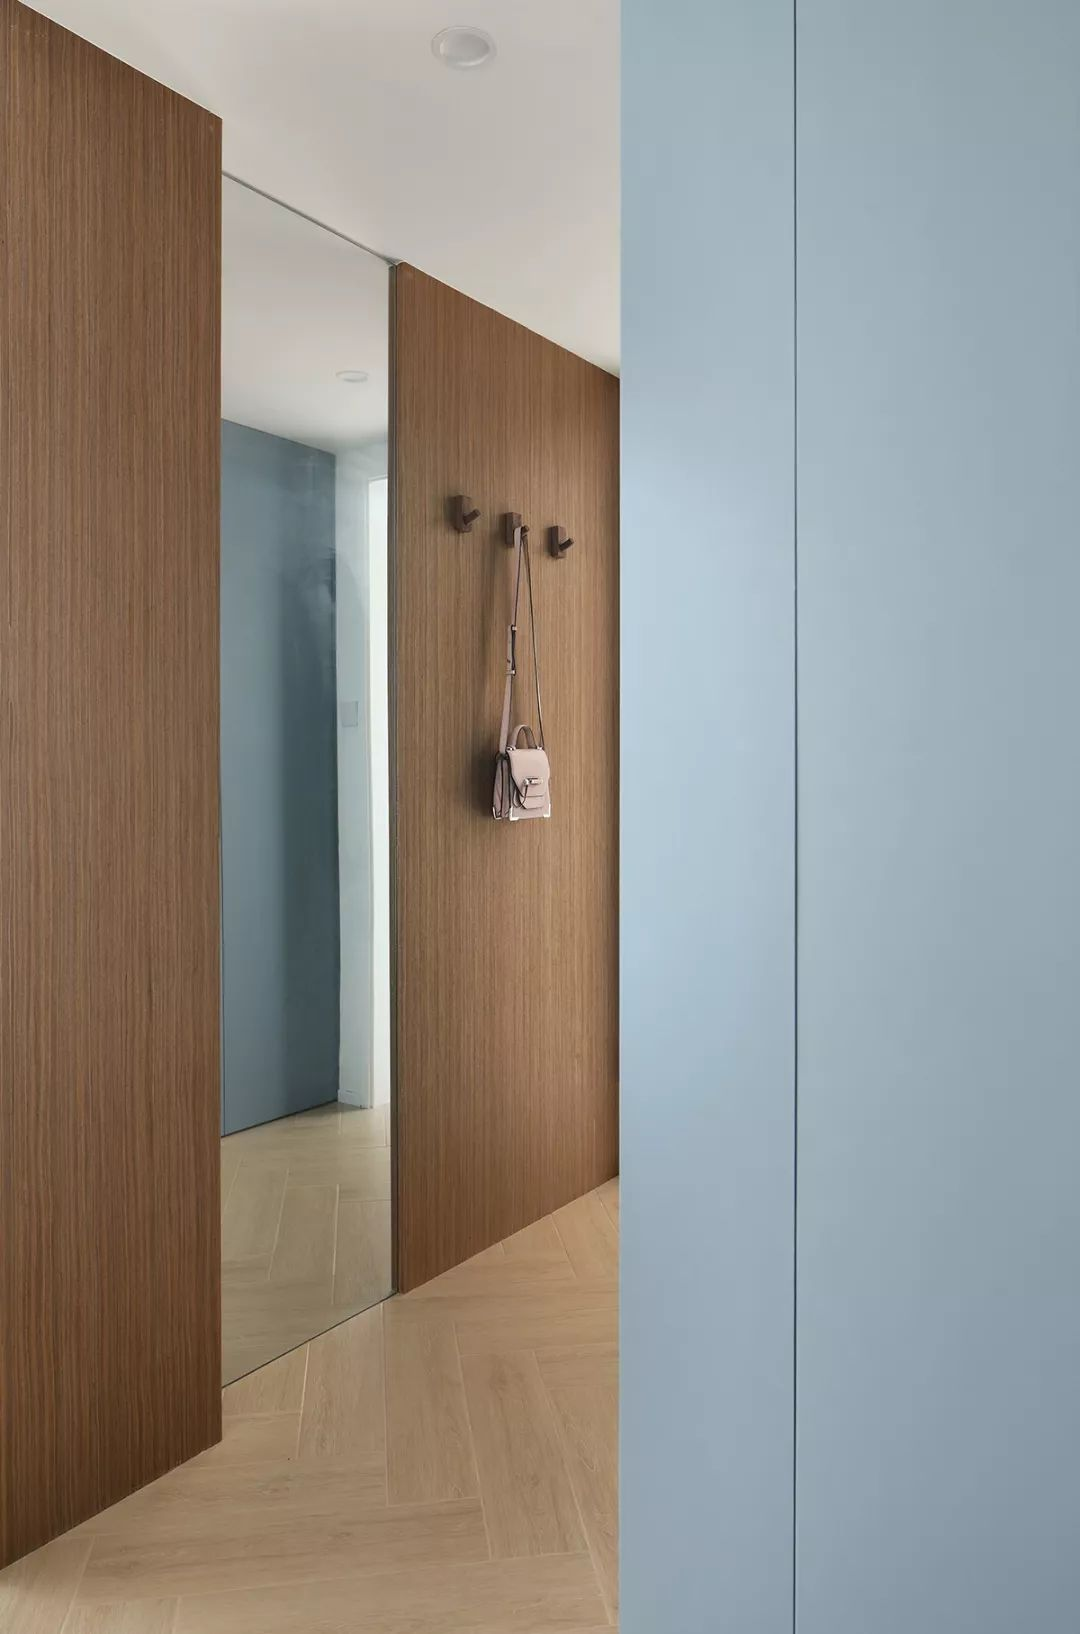 玄关穿衣镜方便业主整理衣冠,还起着视觉扩张的作用。